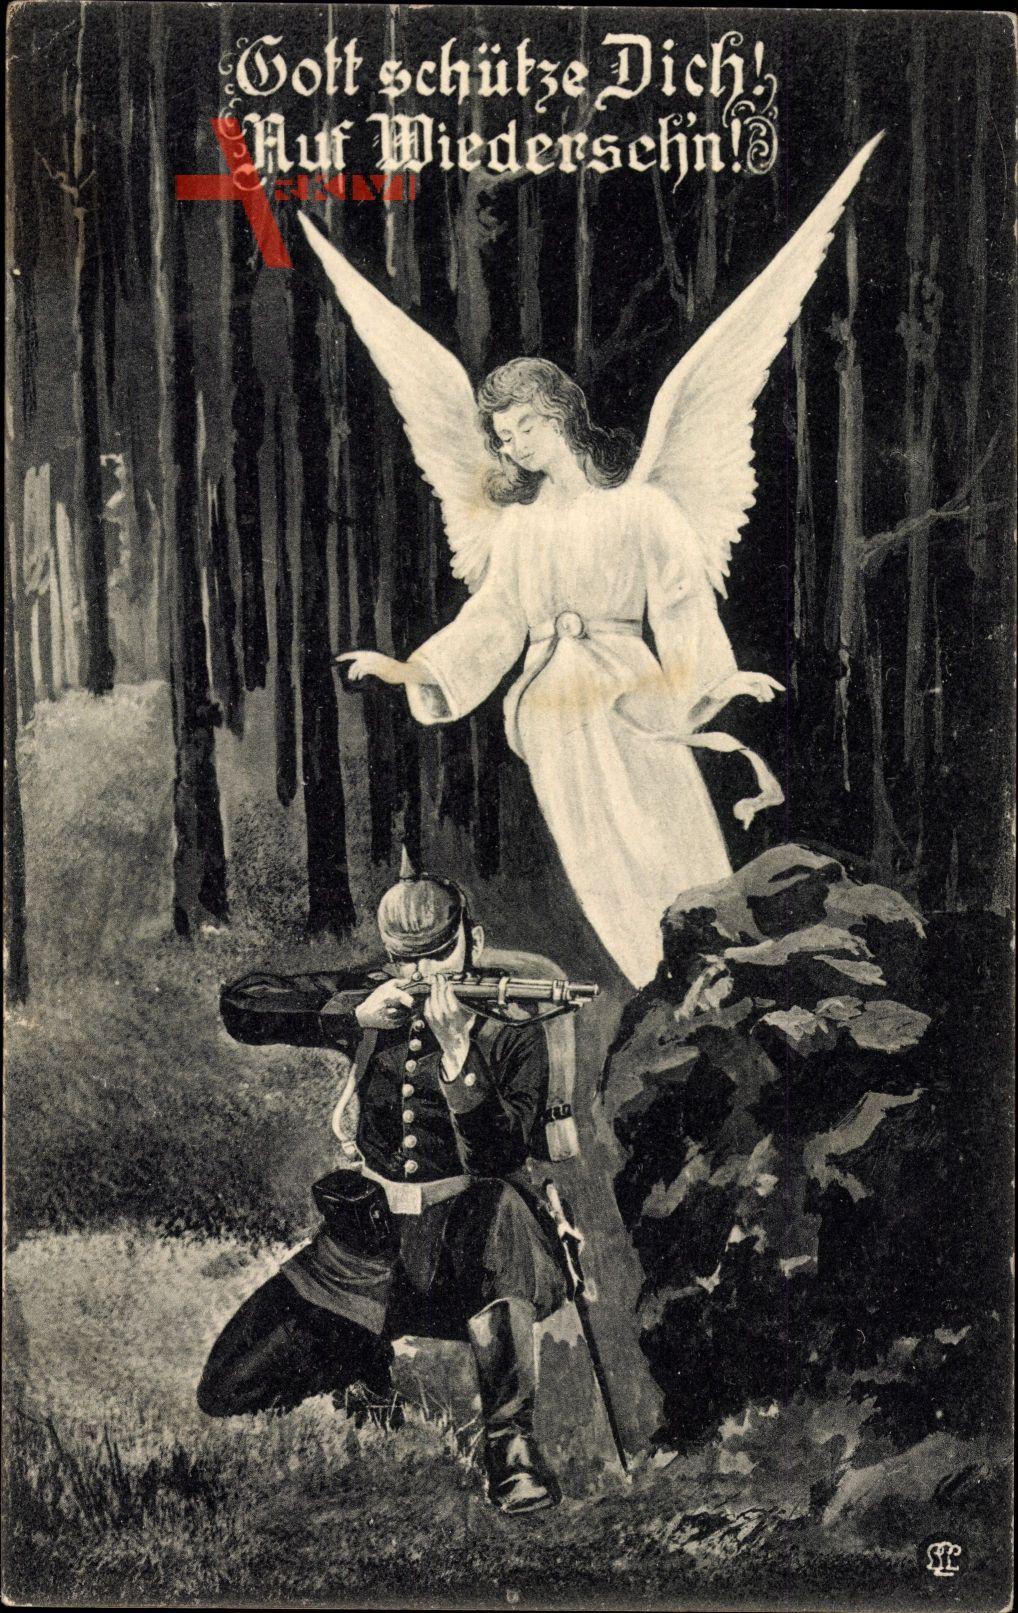 Gott schütze Dich, Auf Wiedersehn, Schütze, Schutzengel